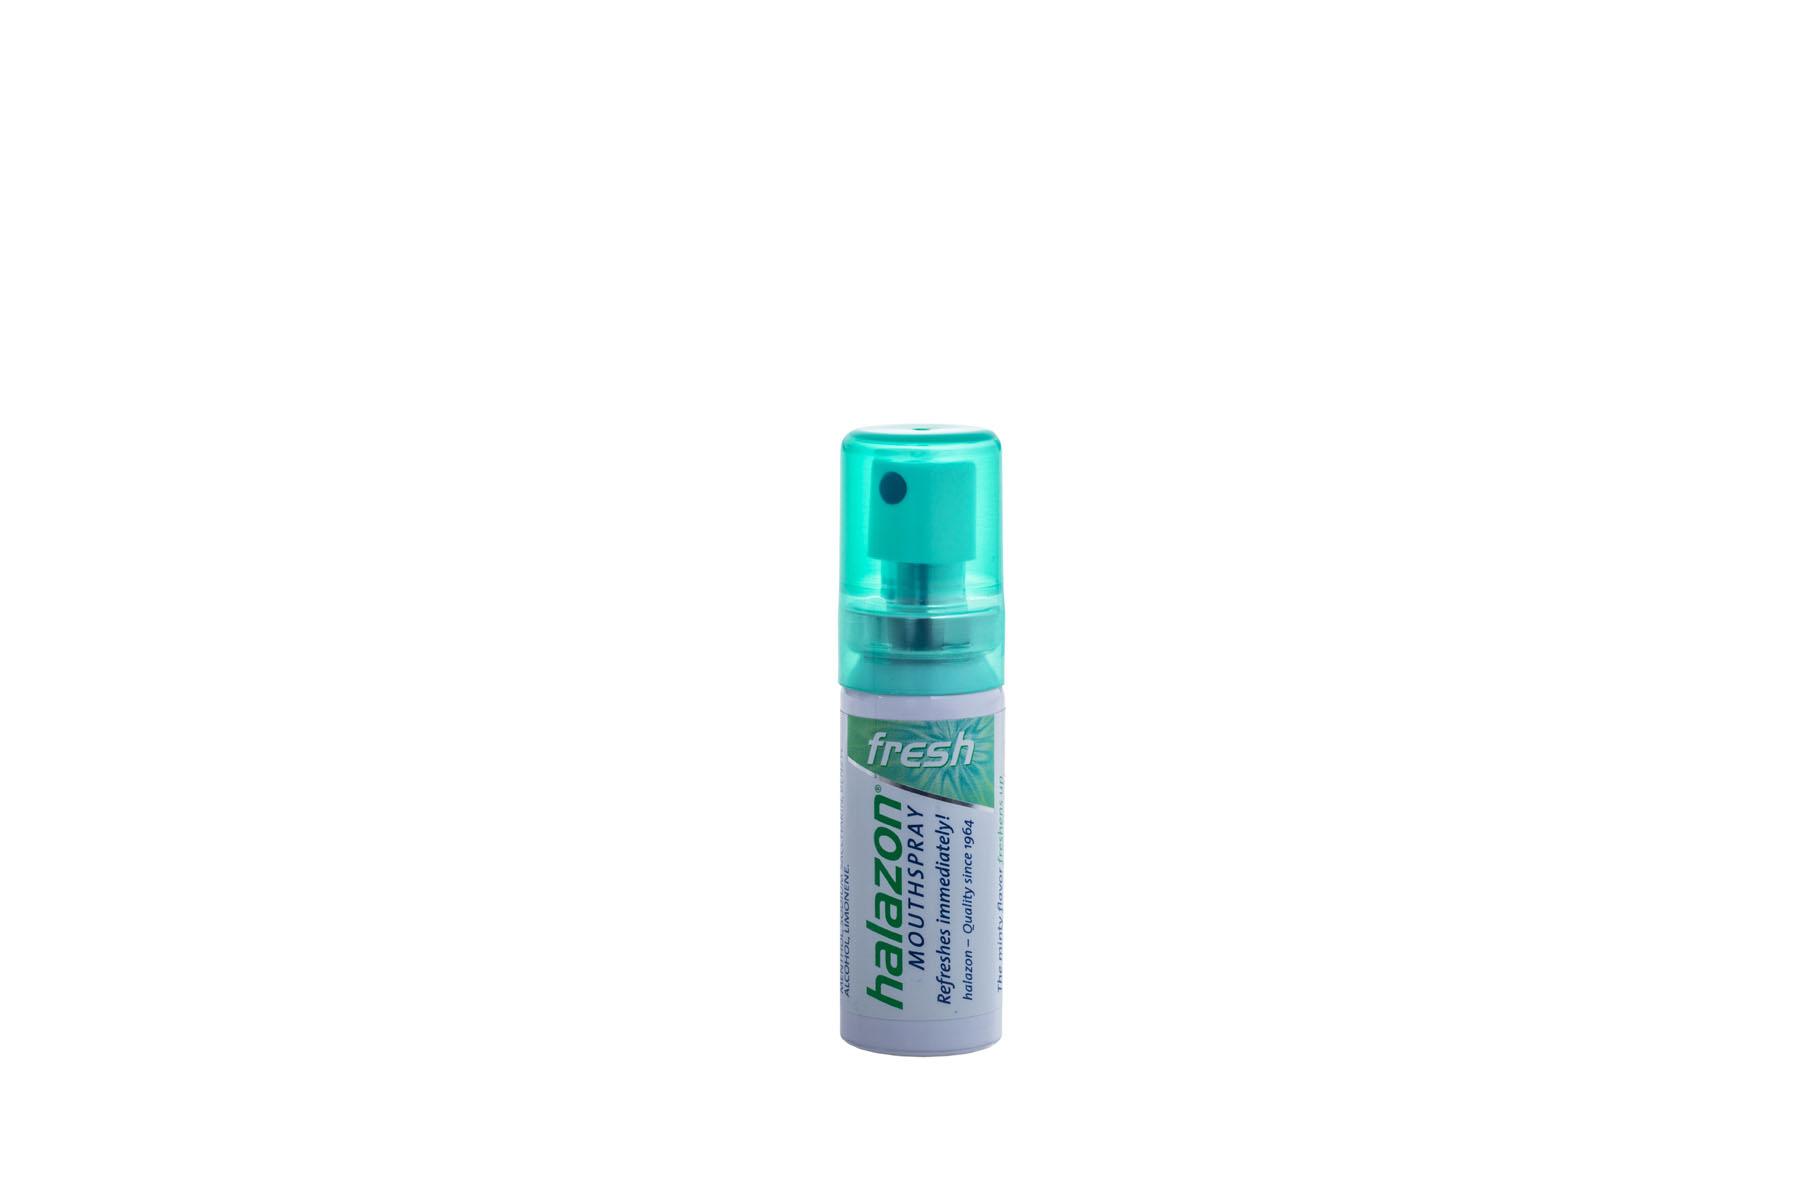 One Drop Only Спрей Halazon для полости рта с антибактериальным действием, 15 мл